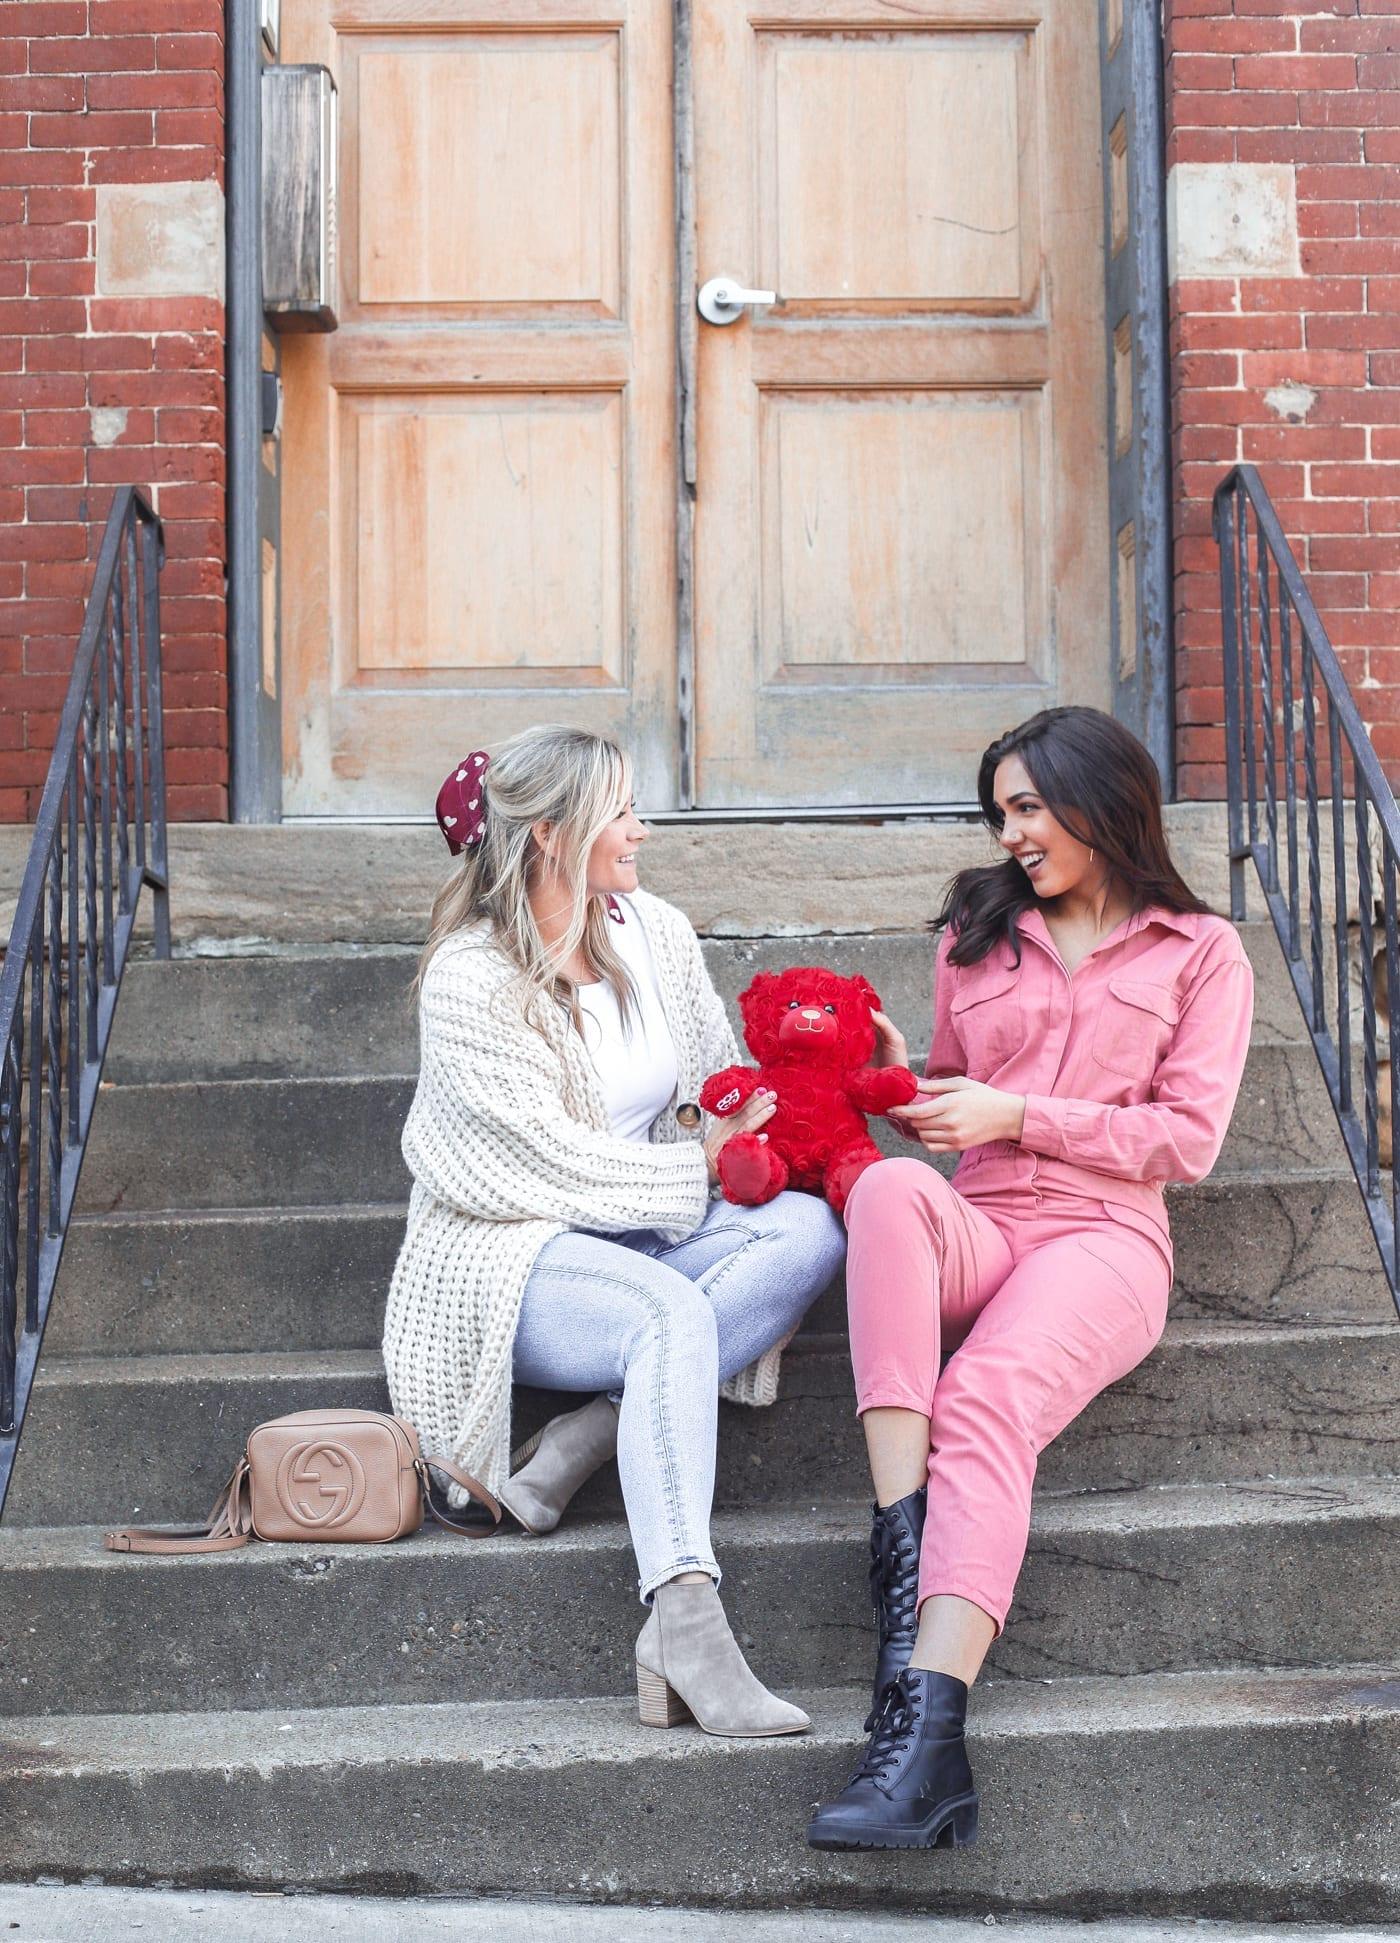 Galentine's Day, Build-a-Bear, BAB, Best Valentine's Day Gift, Best Friends